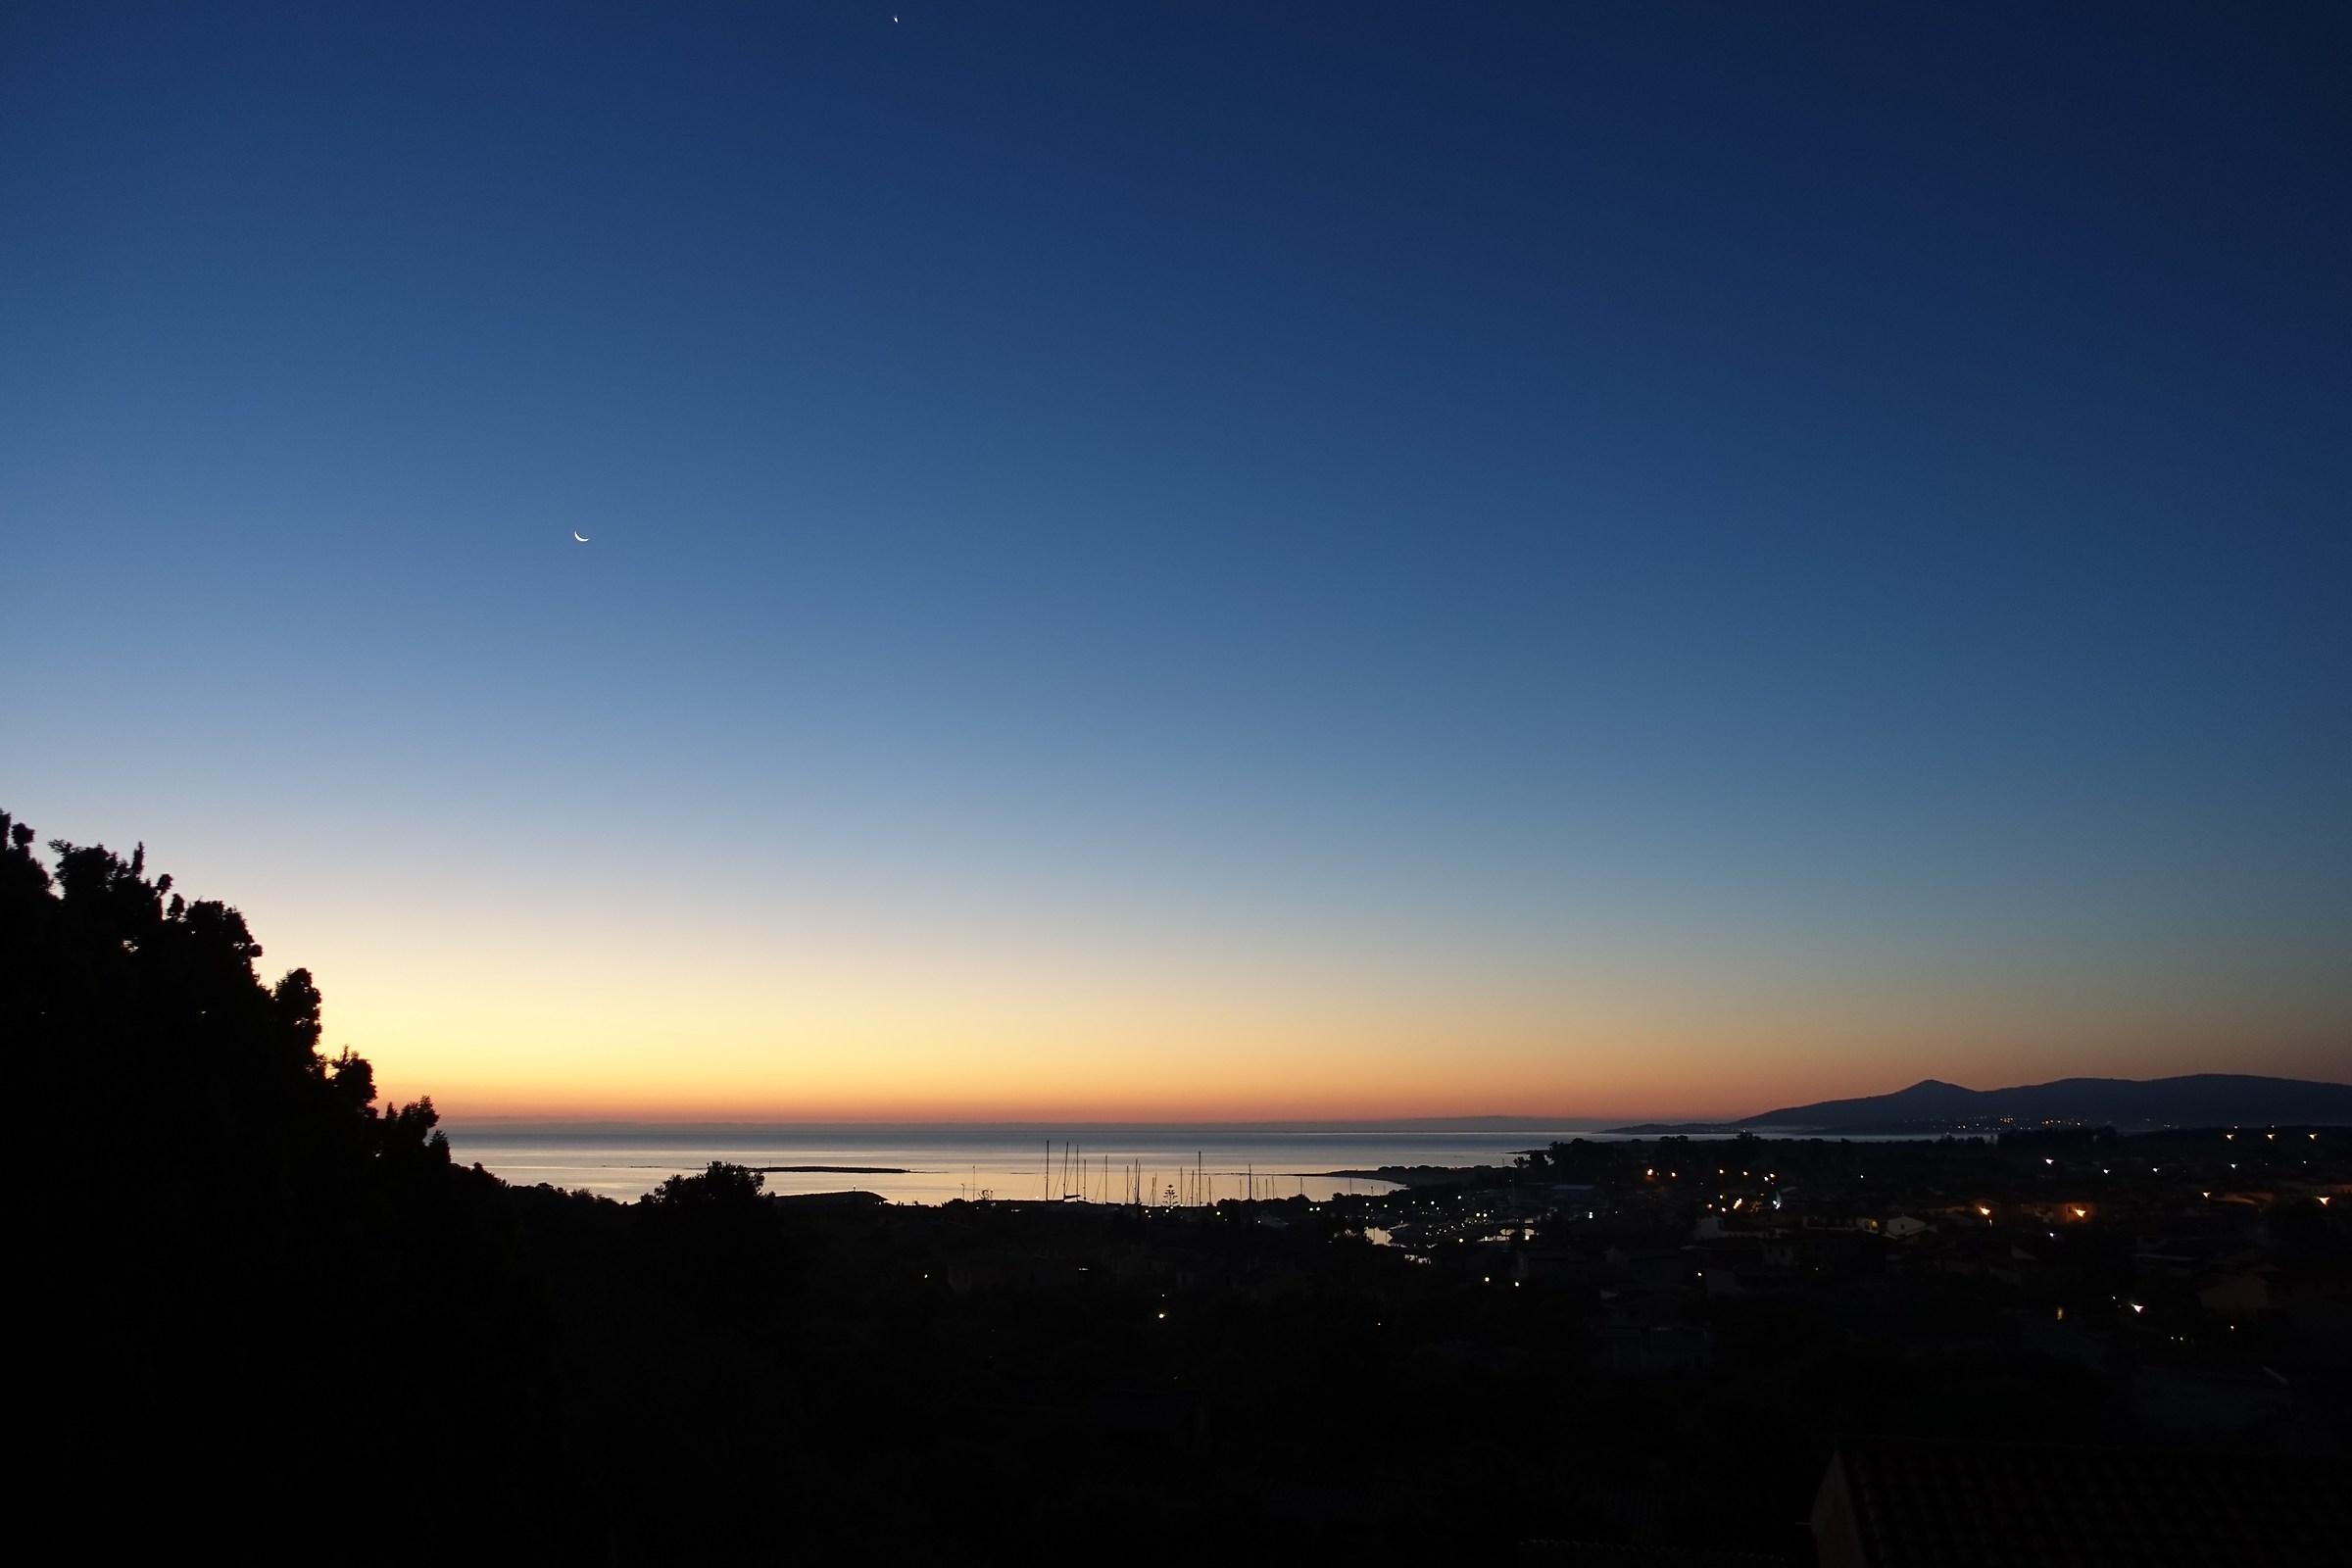 alba di un giorno sereno...